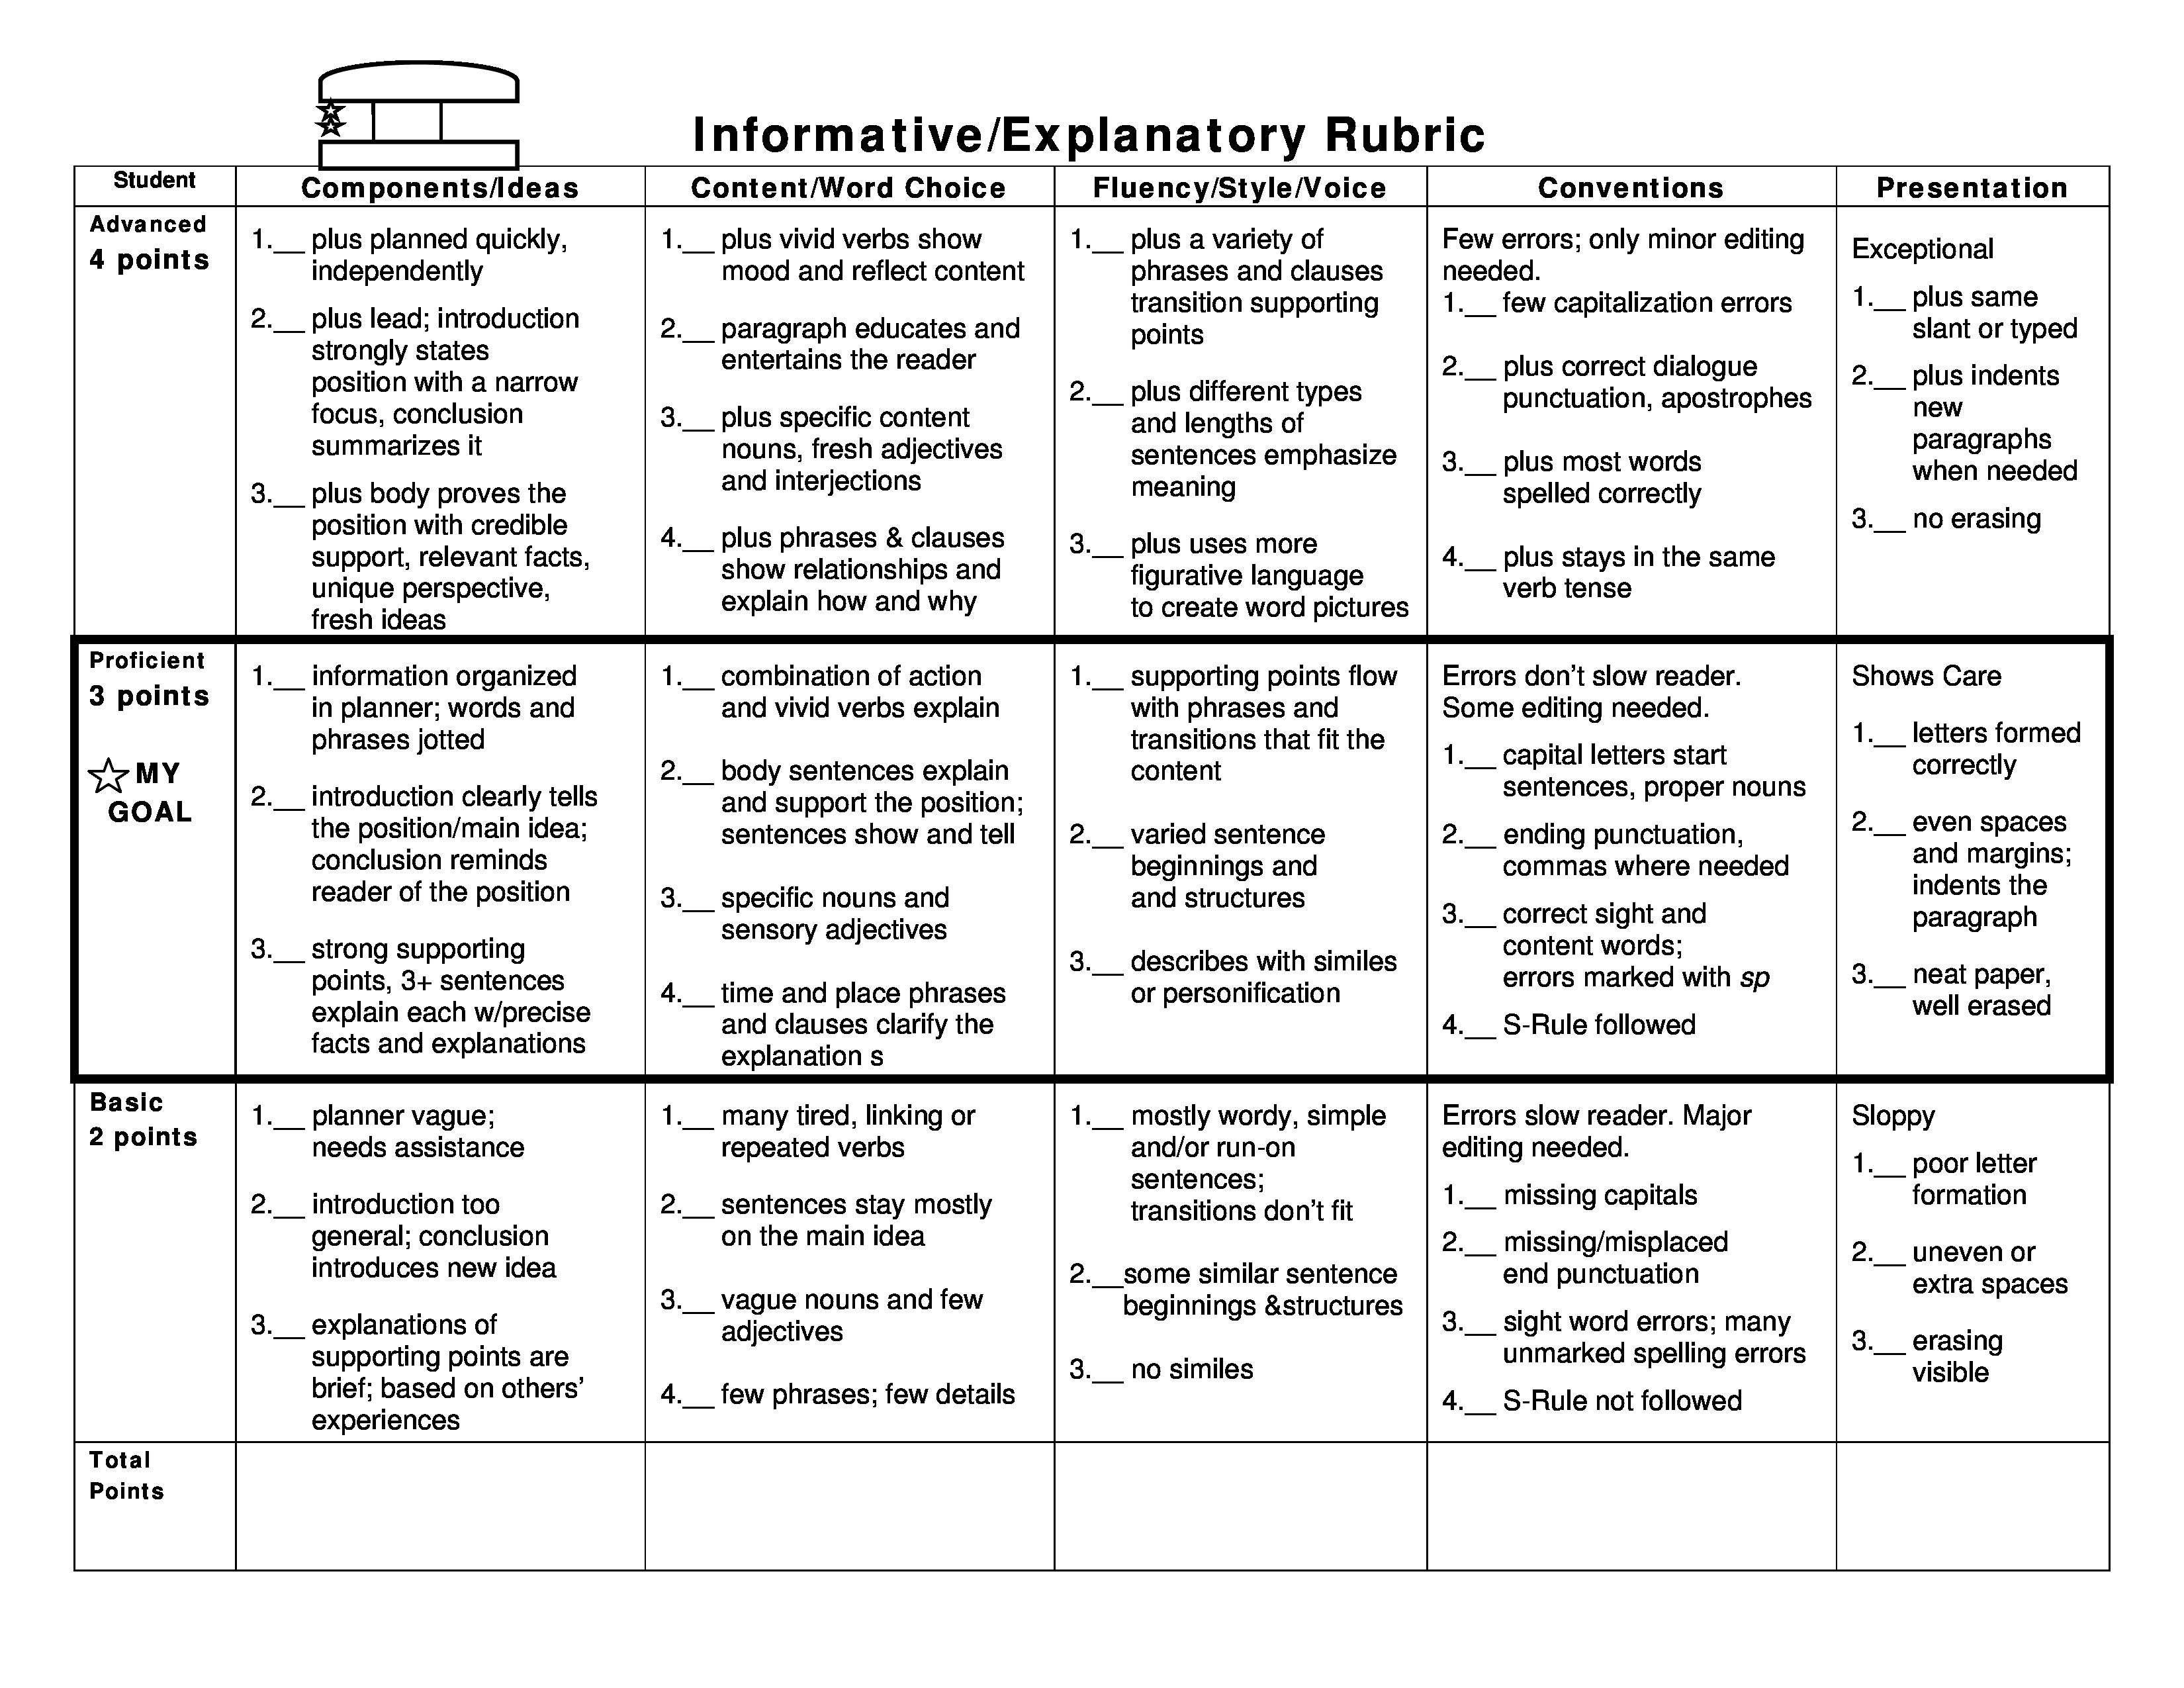 002 Essay Example Free Online Grader Gr4 Sensational For Teachers Paper Students Full